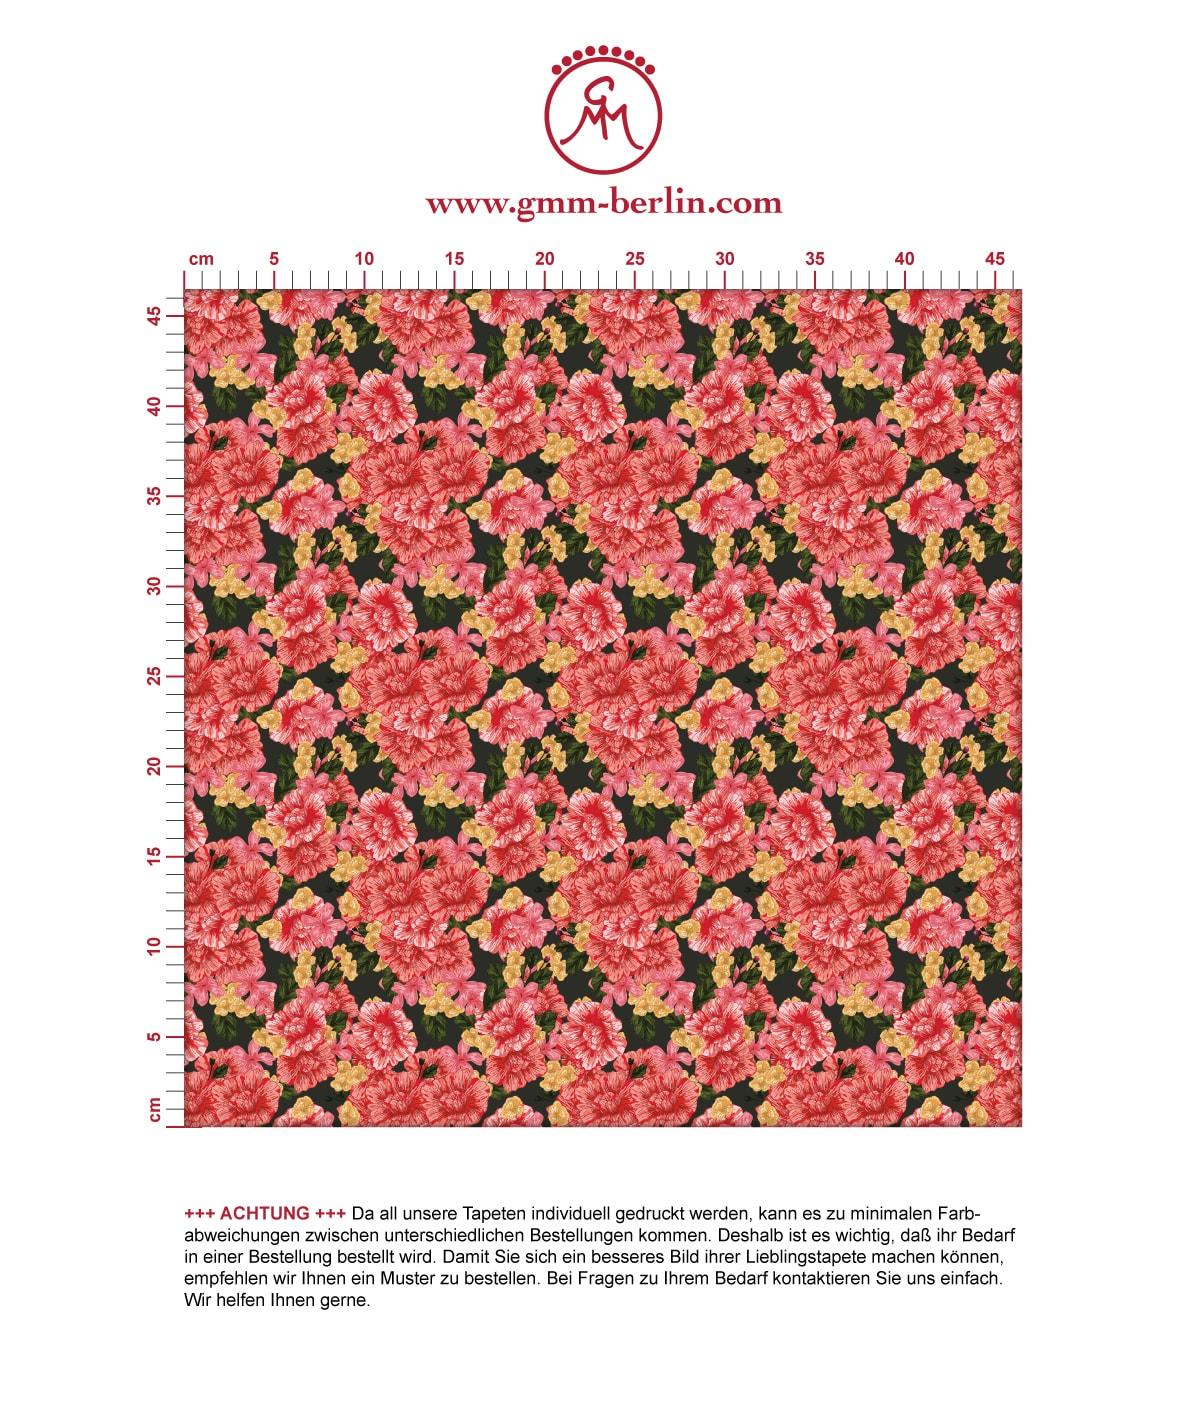 Landhaus Blumentapete Shabby Flowers shabby chic auf braun schwarz - Vliestapete für Wohnzimmer. Aus dem GMM-BERLIN.com Sortiment: Schöne Tapeten in der Farbe: rot